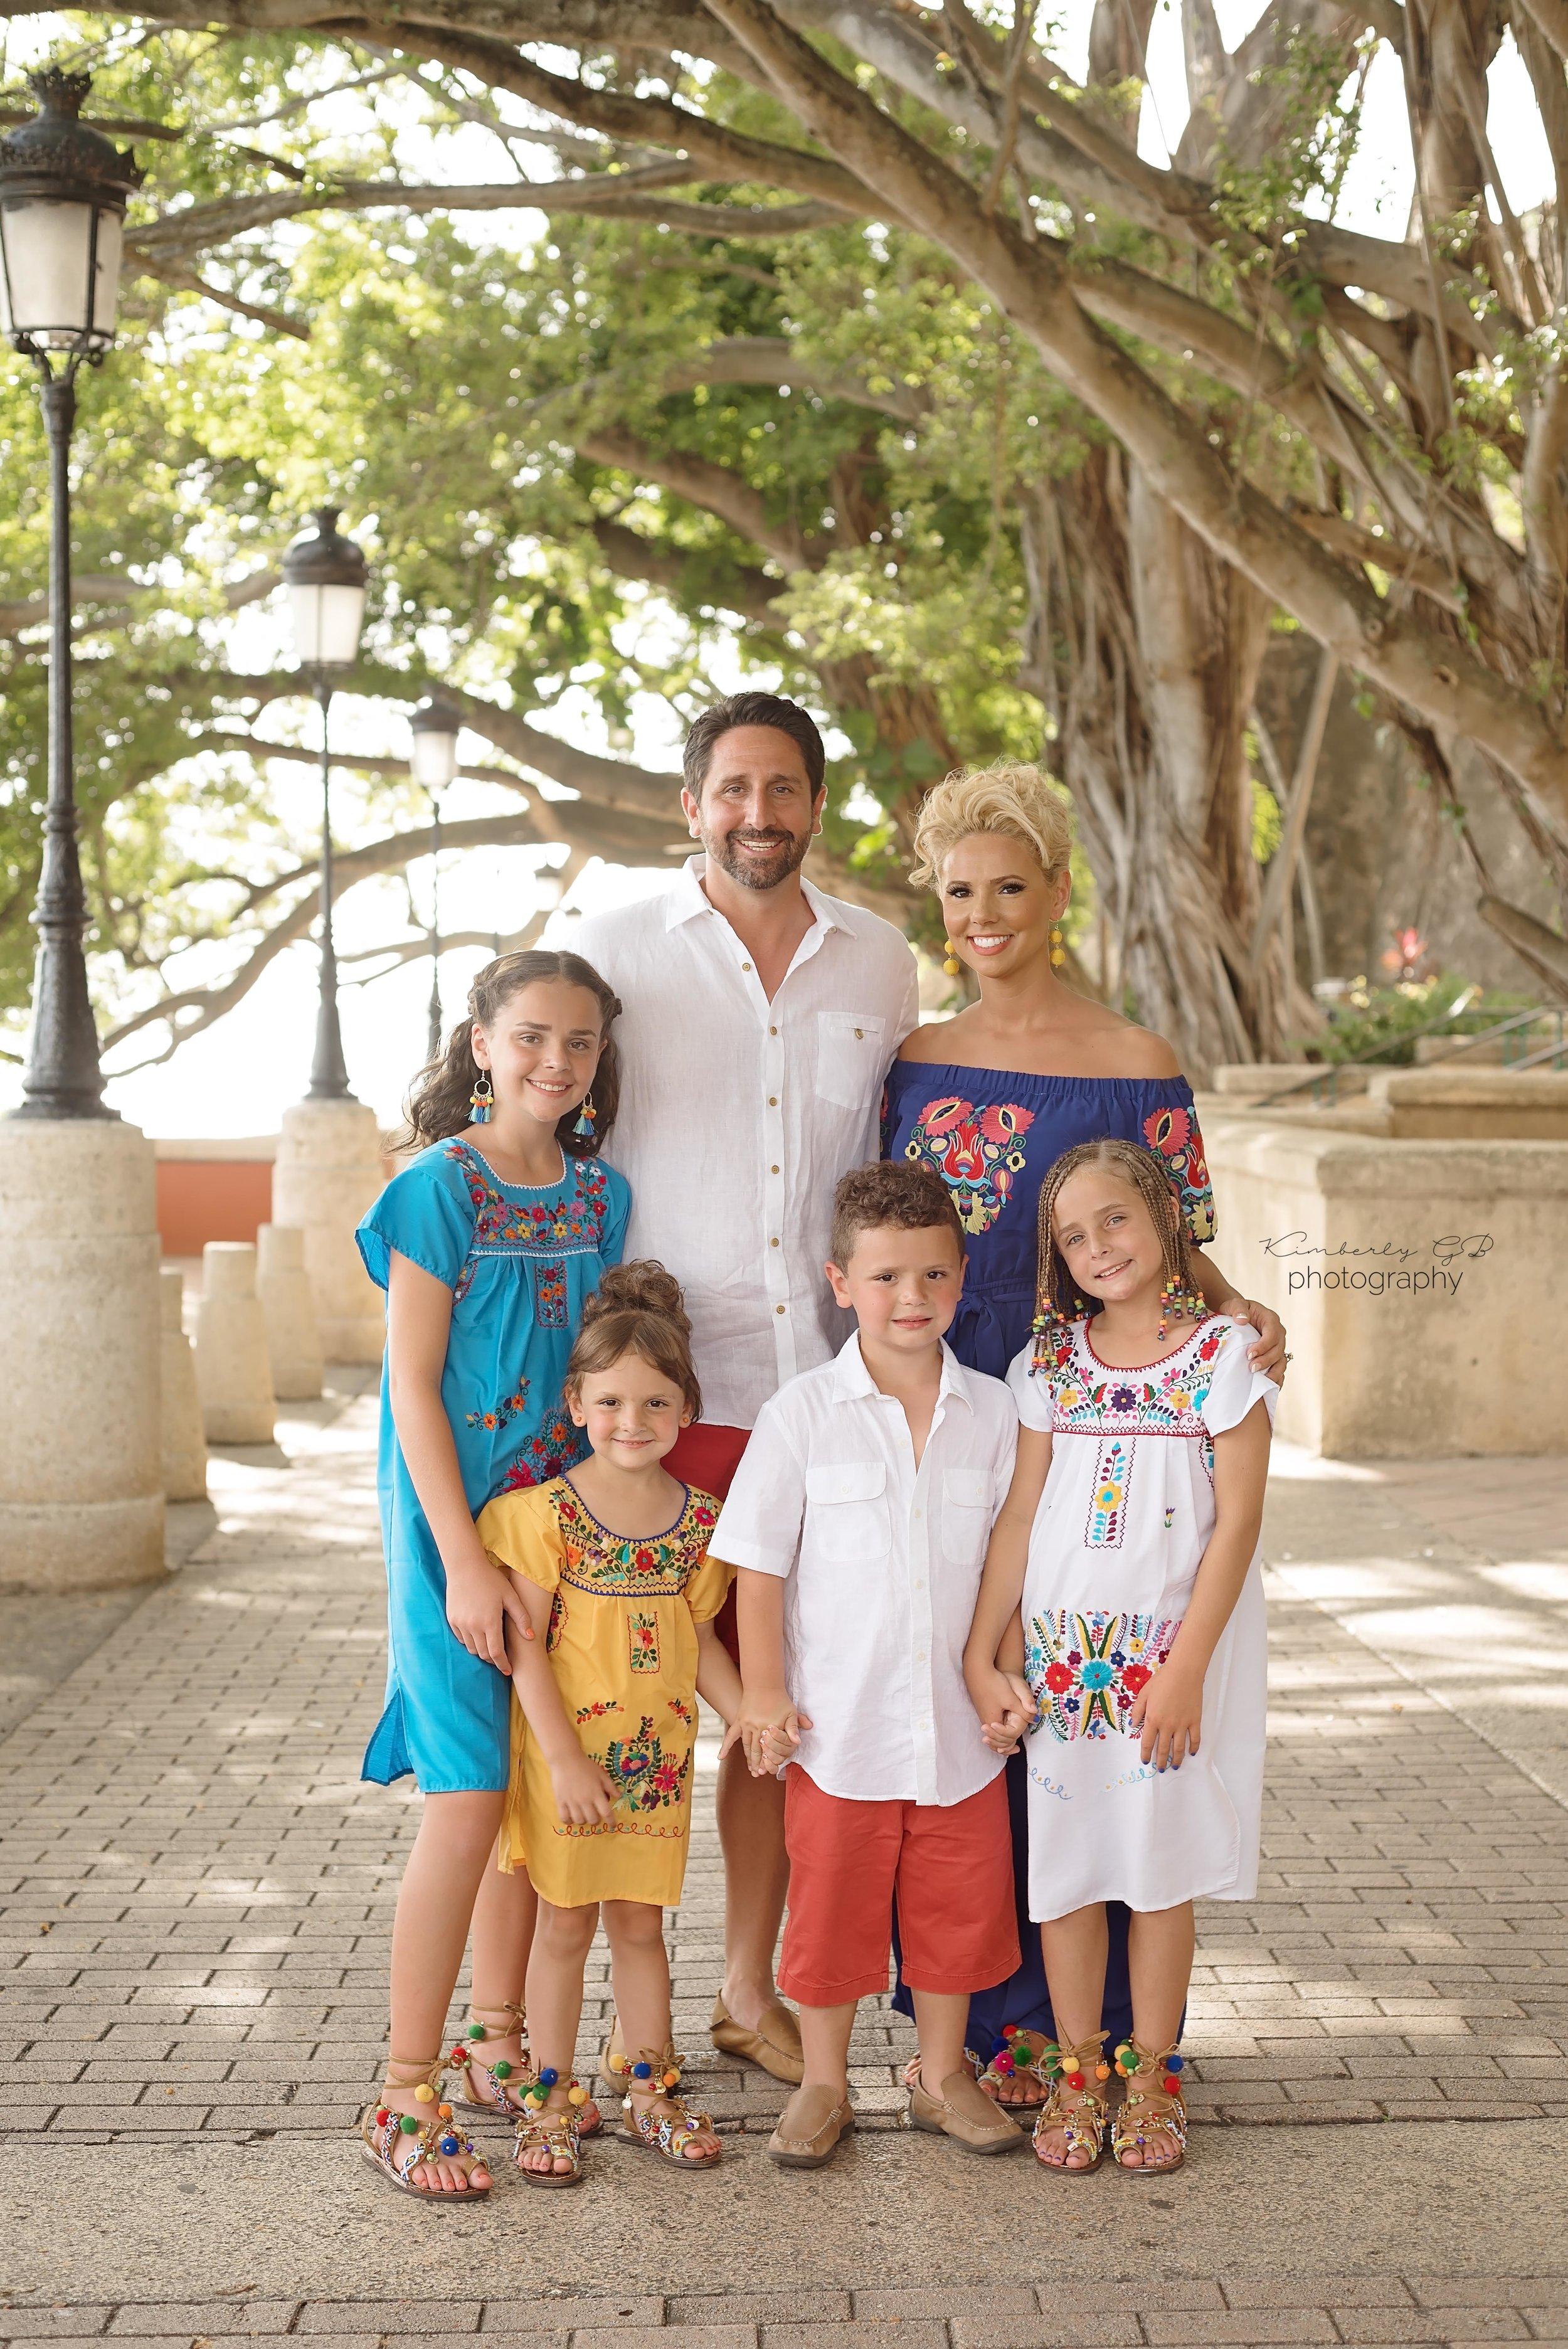 kimberly-gb-photography-fotografa-portrait-retrato-family-familia-puerto-rico-53.jpg